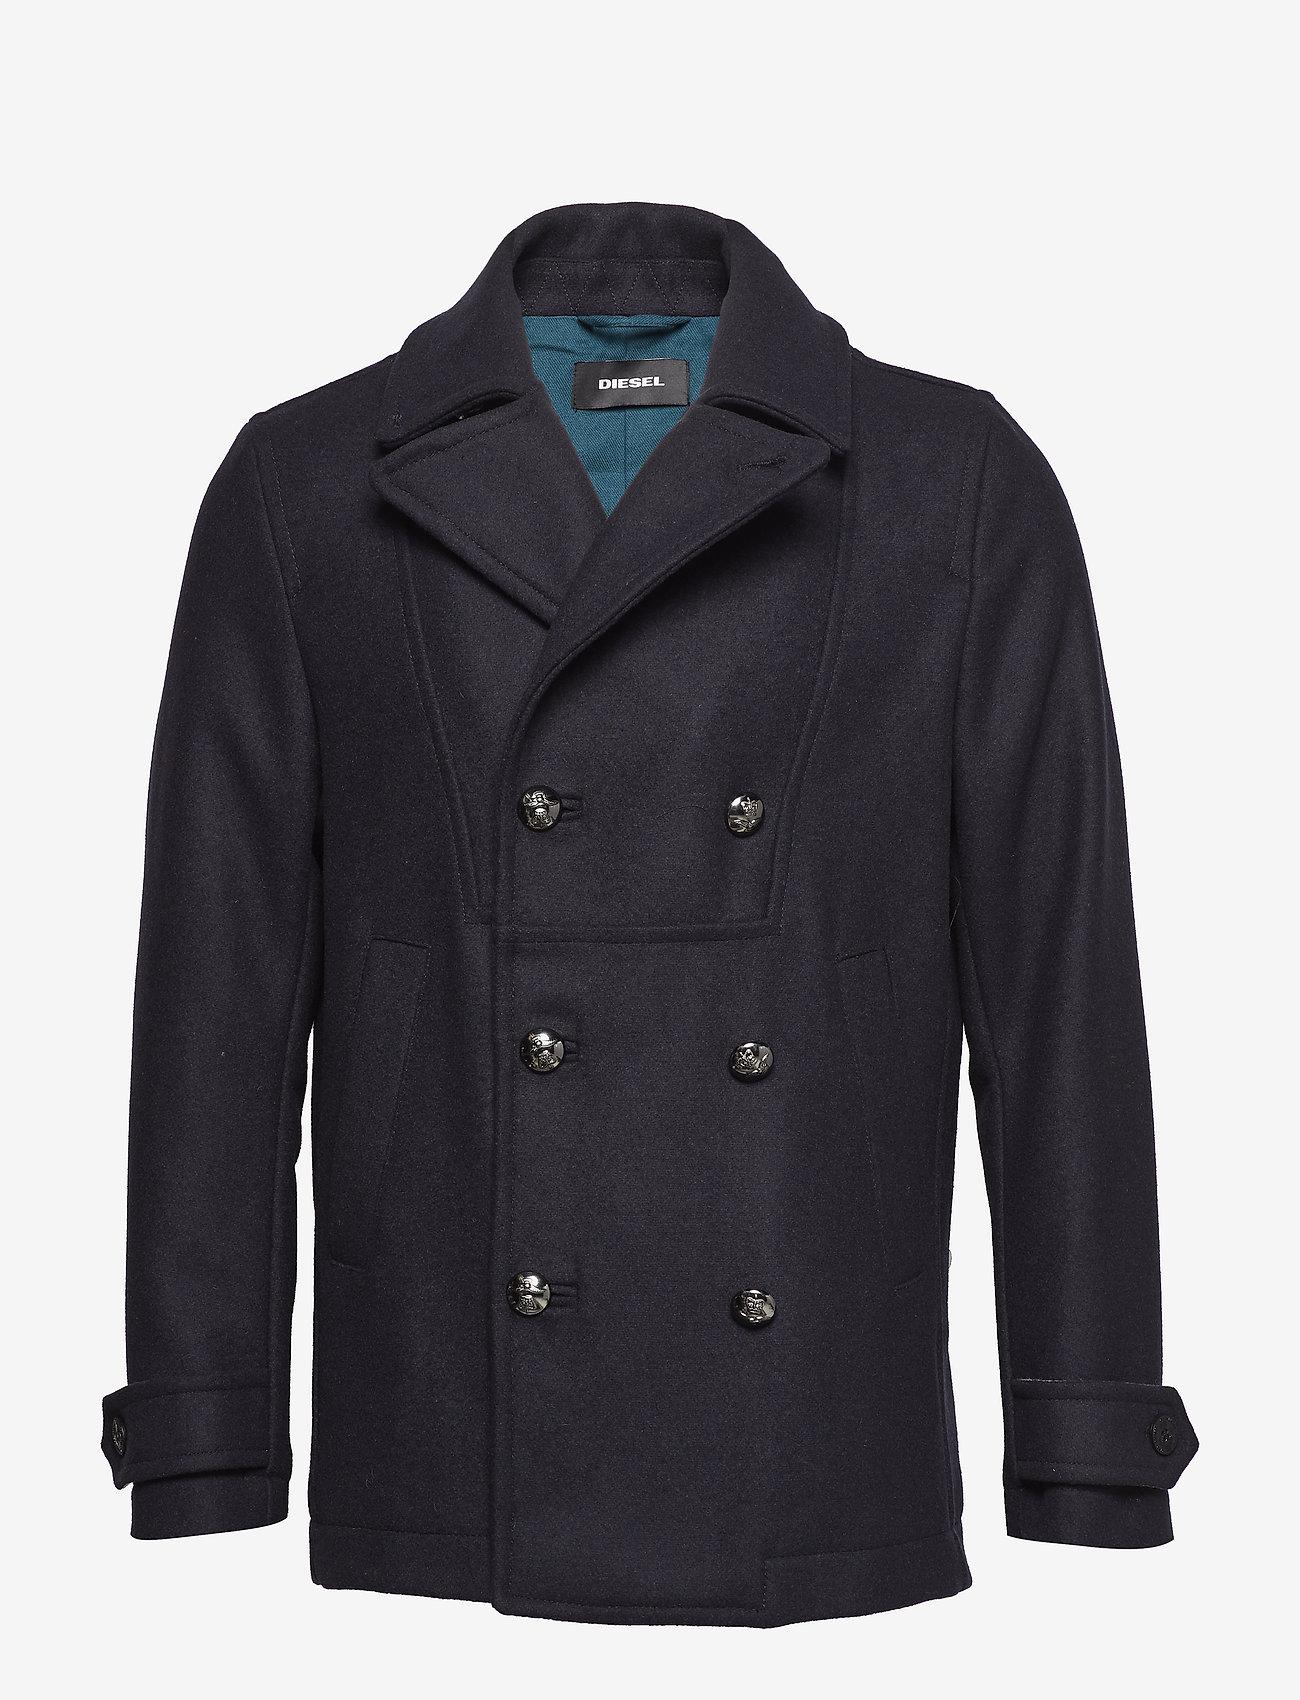 Diesel Men - W-BANFI JACKET - wool jackets - total eclipse - 0